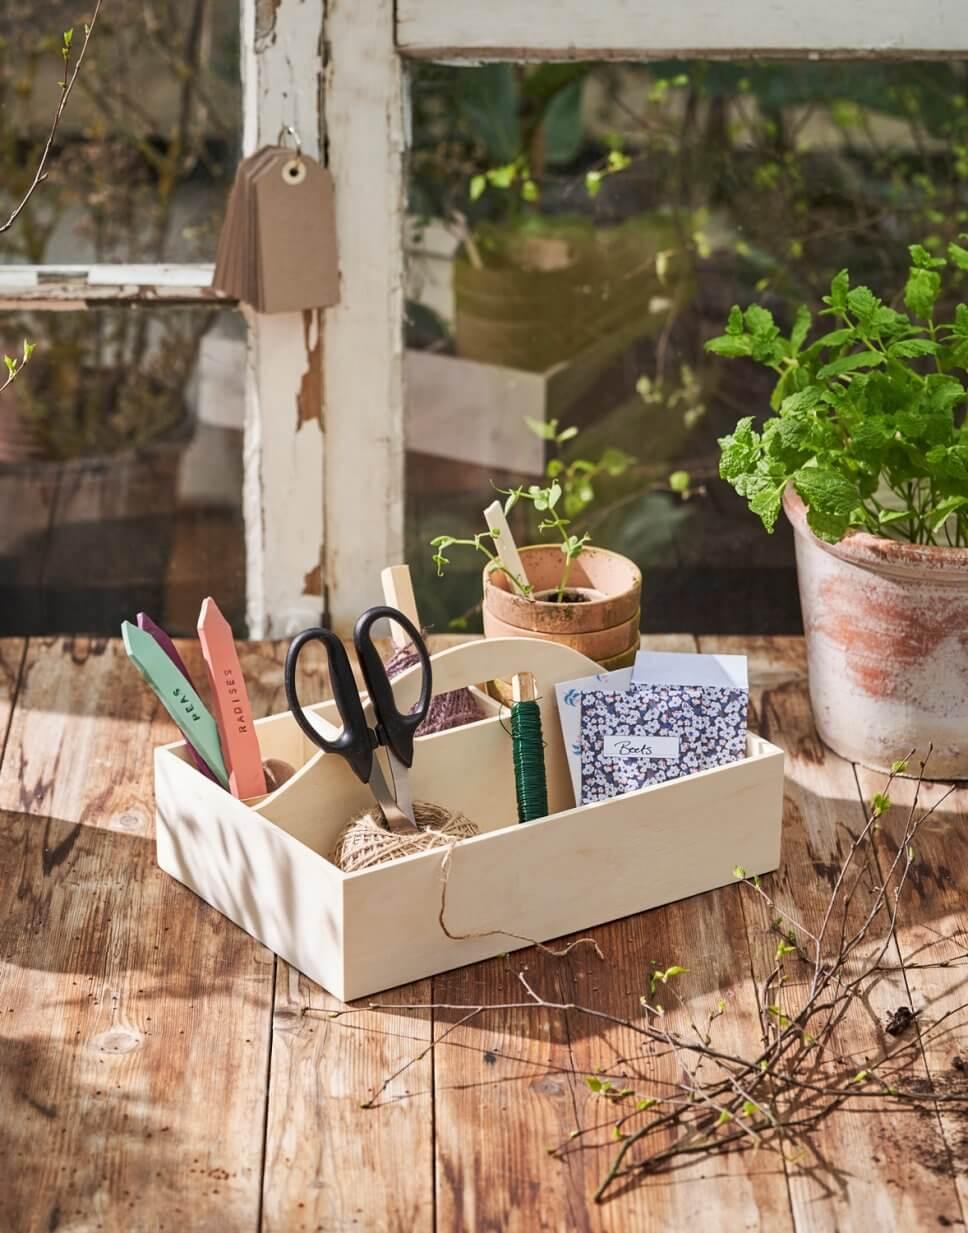 Blumentöpfe und Gartenwerkzeug auf Holztisch